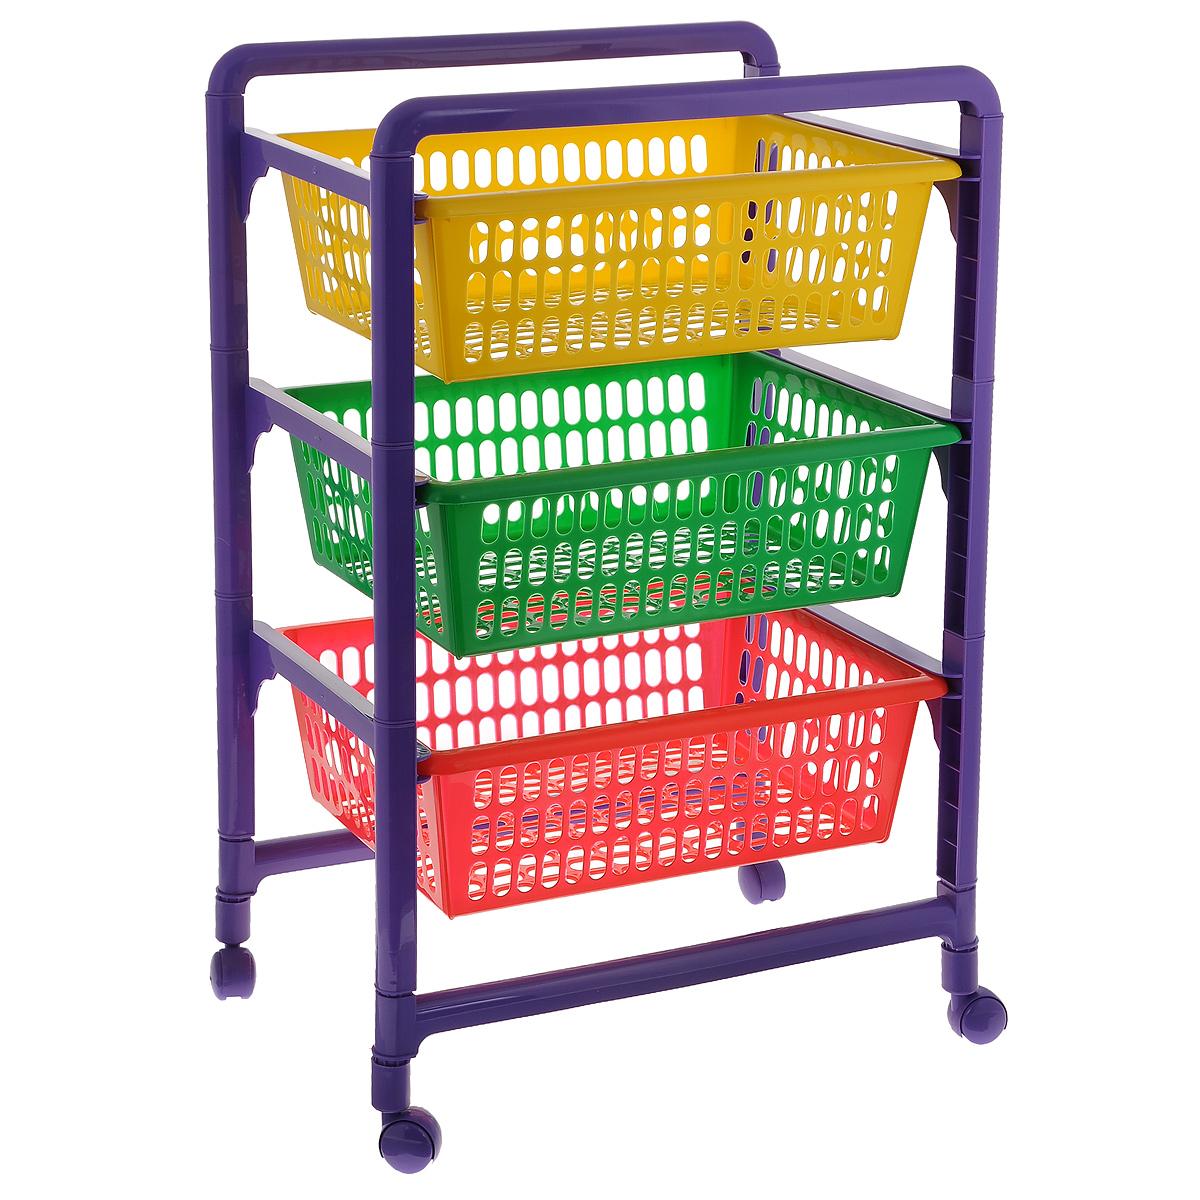 Контейнер для игрушек Малыш, 3-х секционный, на колесиках, с выдвижными полками, 45 x 31,1 x 66,2 смС460Контейнер Малыш, выполненный из высококачественного пластика, предназначен для хранения игрушек. Состоит из трех перфорированных секций разного цвета. Вместительные выдвижные полки позволят компактно хранить детские игрушки, а также защитят их от пыли, грязи и влаги. Контейнер оснащен колесиками, поэтому его очень легко двигать. Размер в сложенном виде: 45 см х 31,1 см х 18 см. Размер в собранном виде: 45 см x 31,1 см x 66,2 см. Размер корзинки: 49,5 см x 30 см x 12 см.